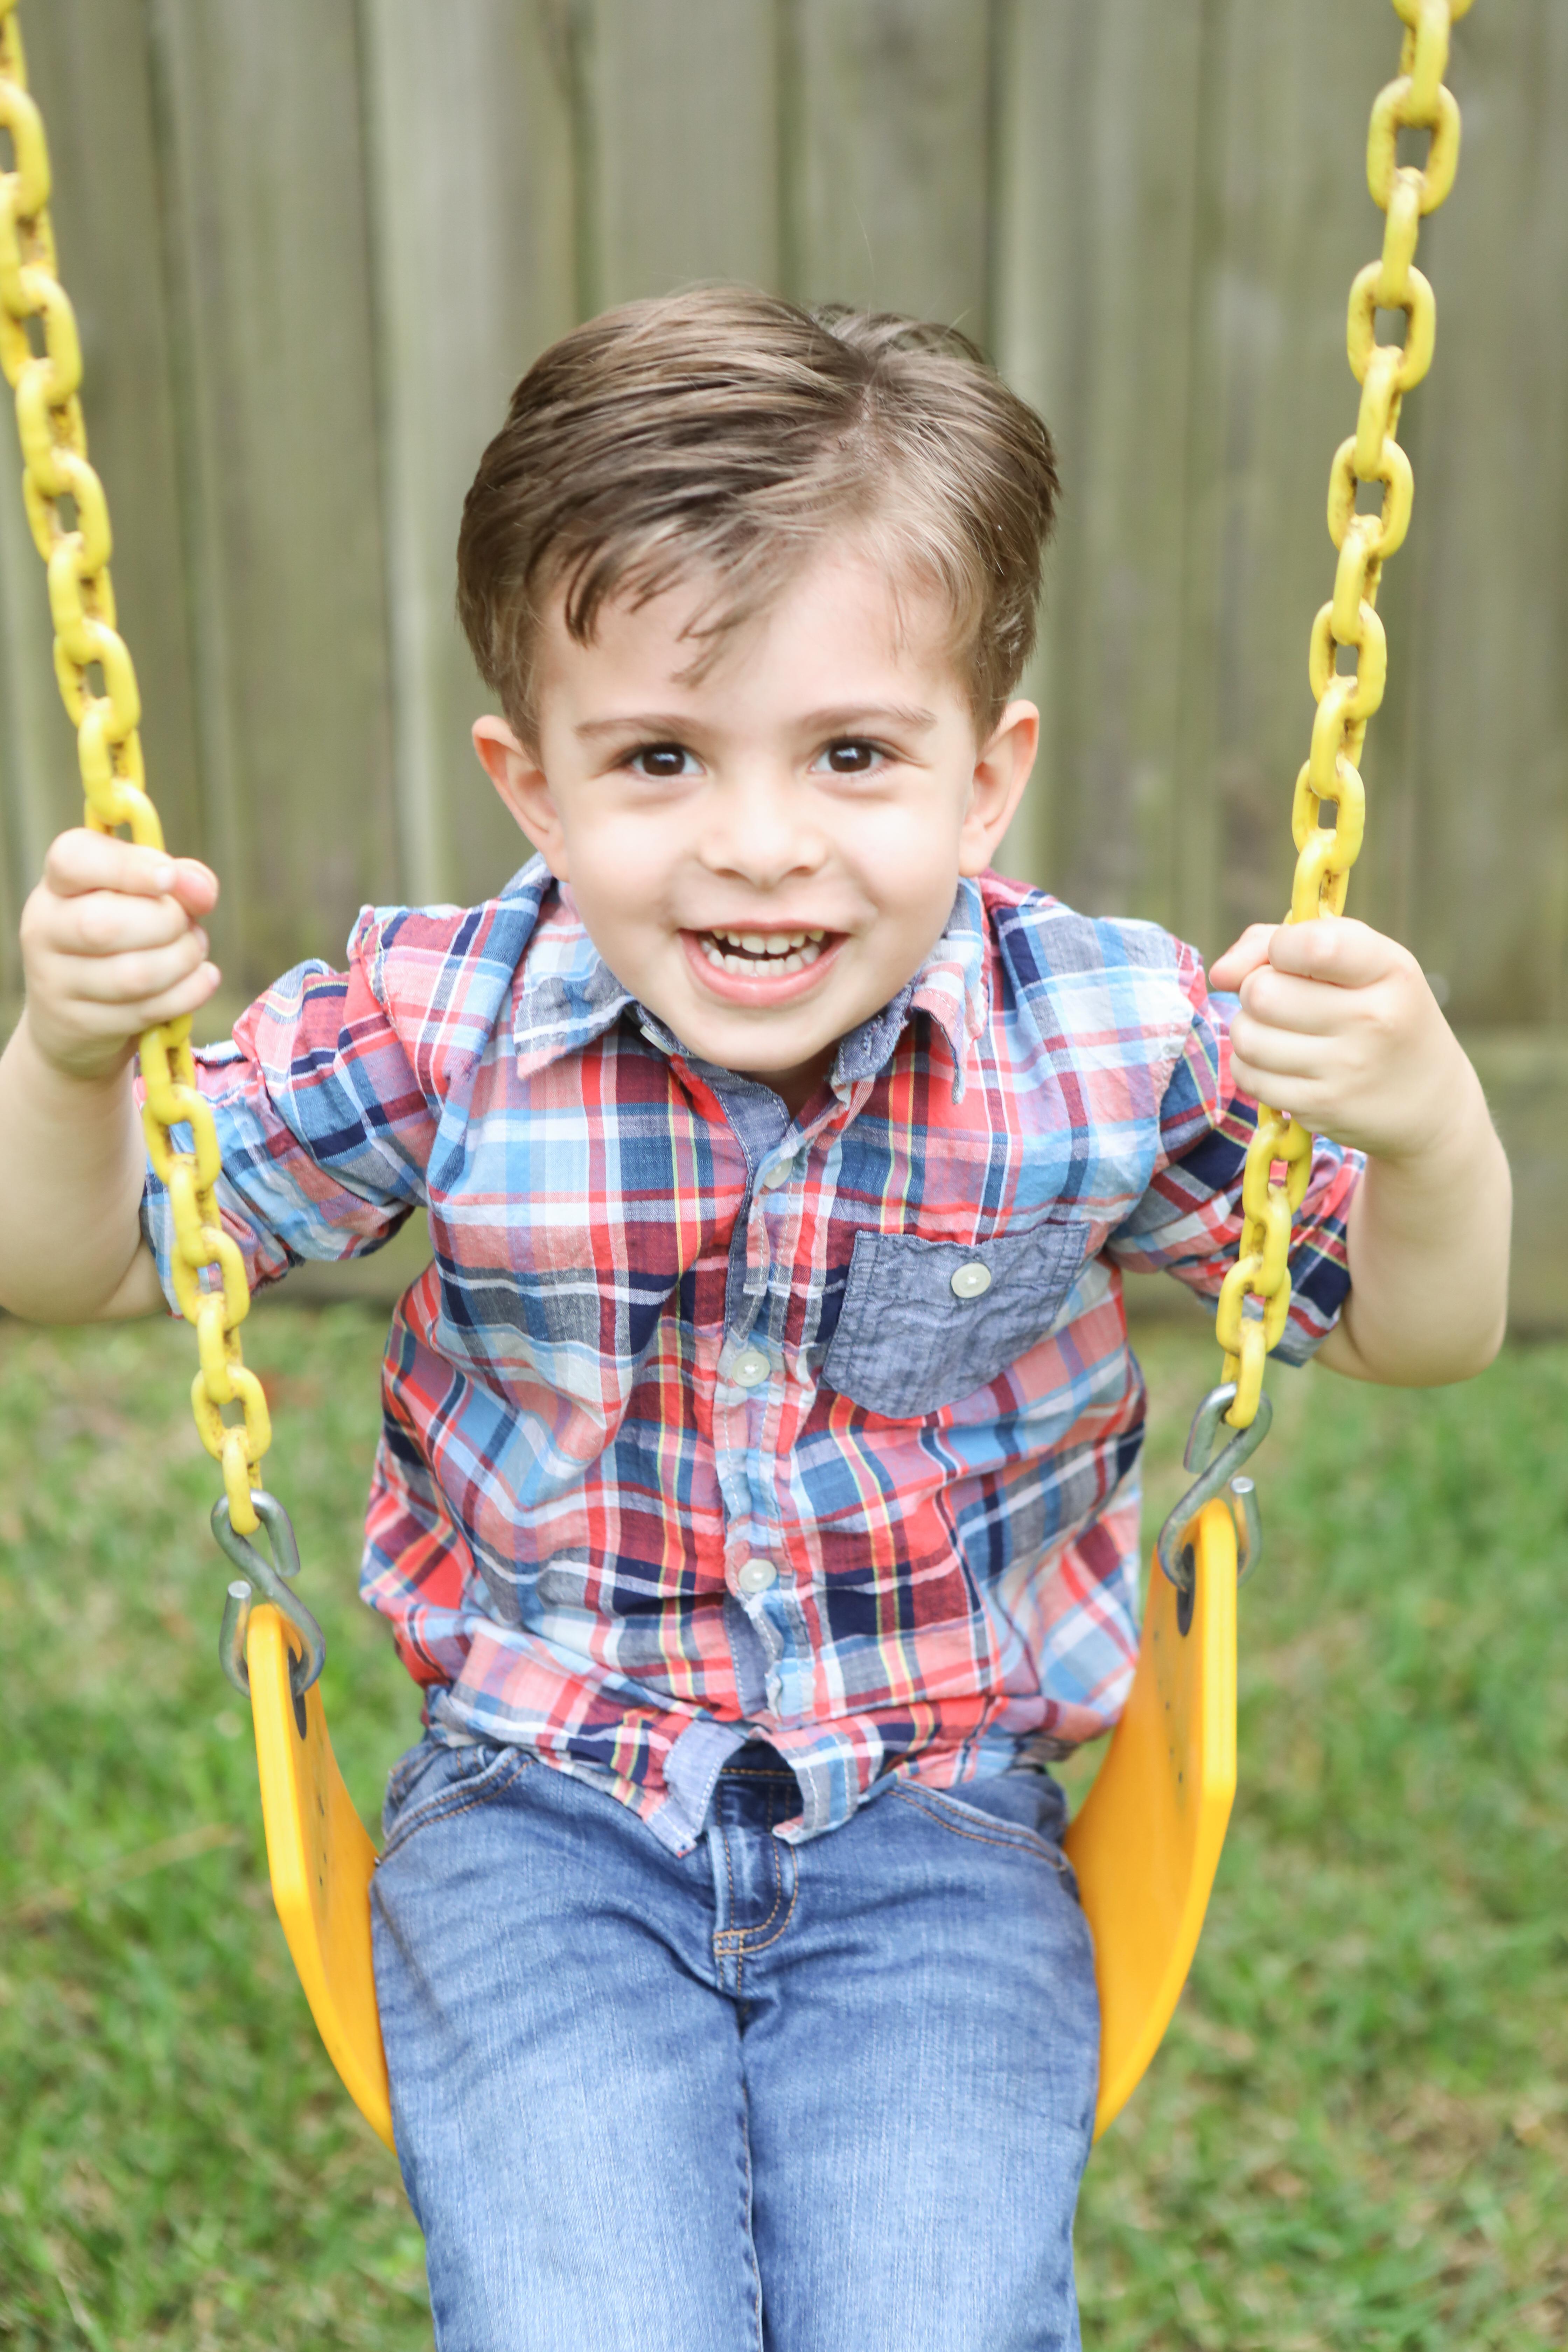 kid on a swing